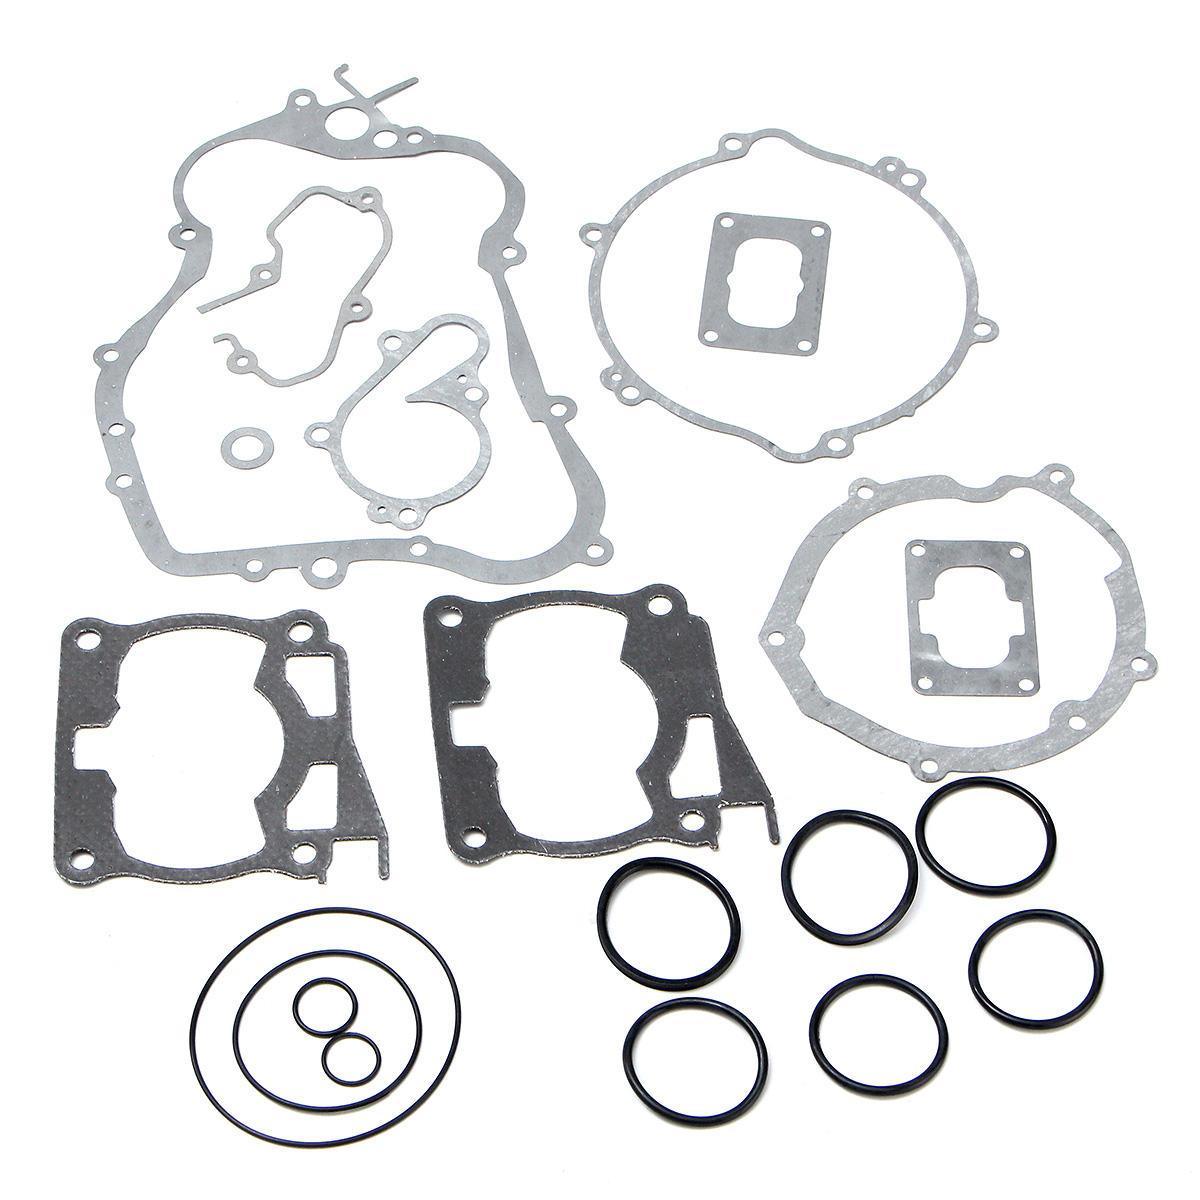 Motorcycle Engine Gasket Kit Set For Yamaha Yz125